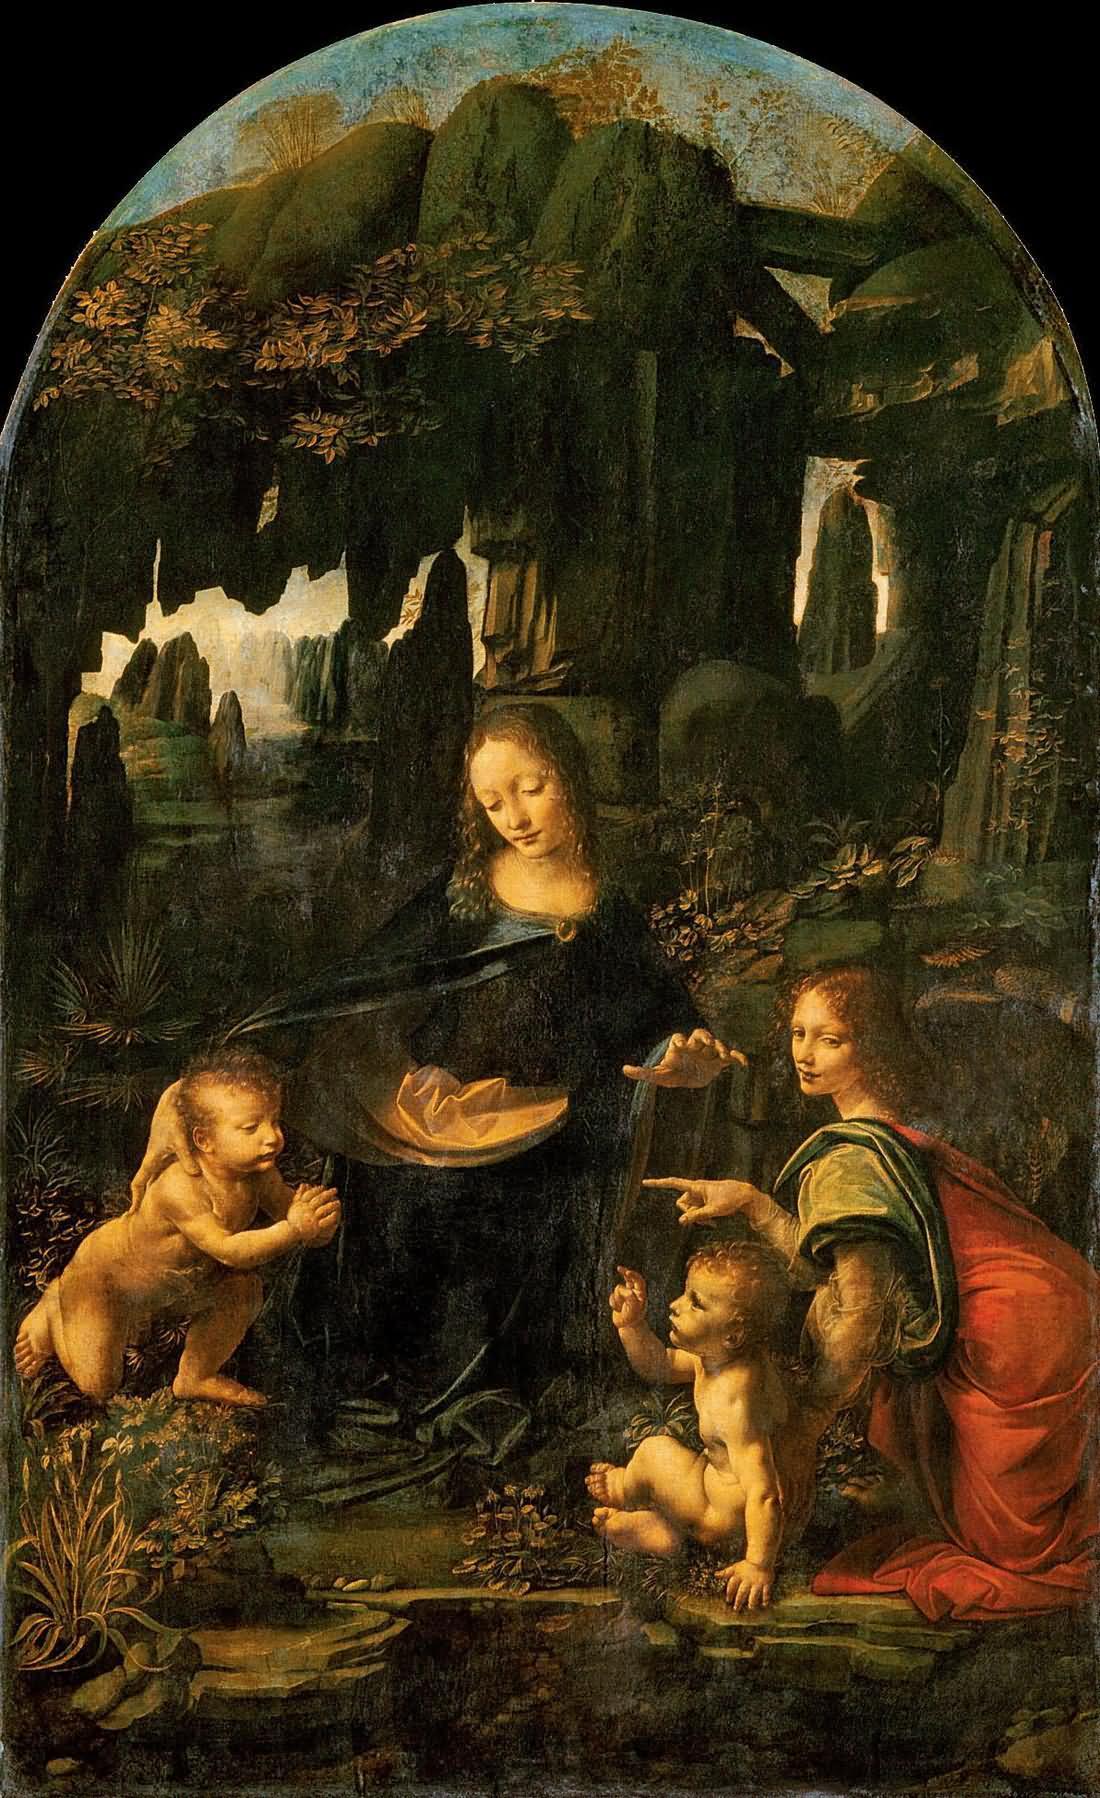 岩间圣母 意大利 达芬奇 法国,巴黎,卢浮宫藏